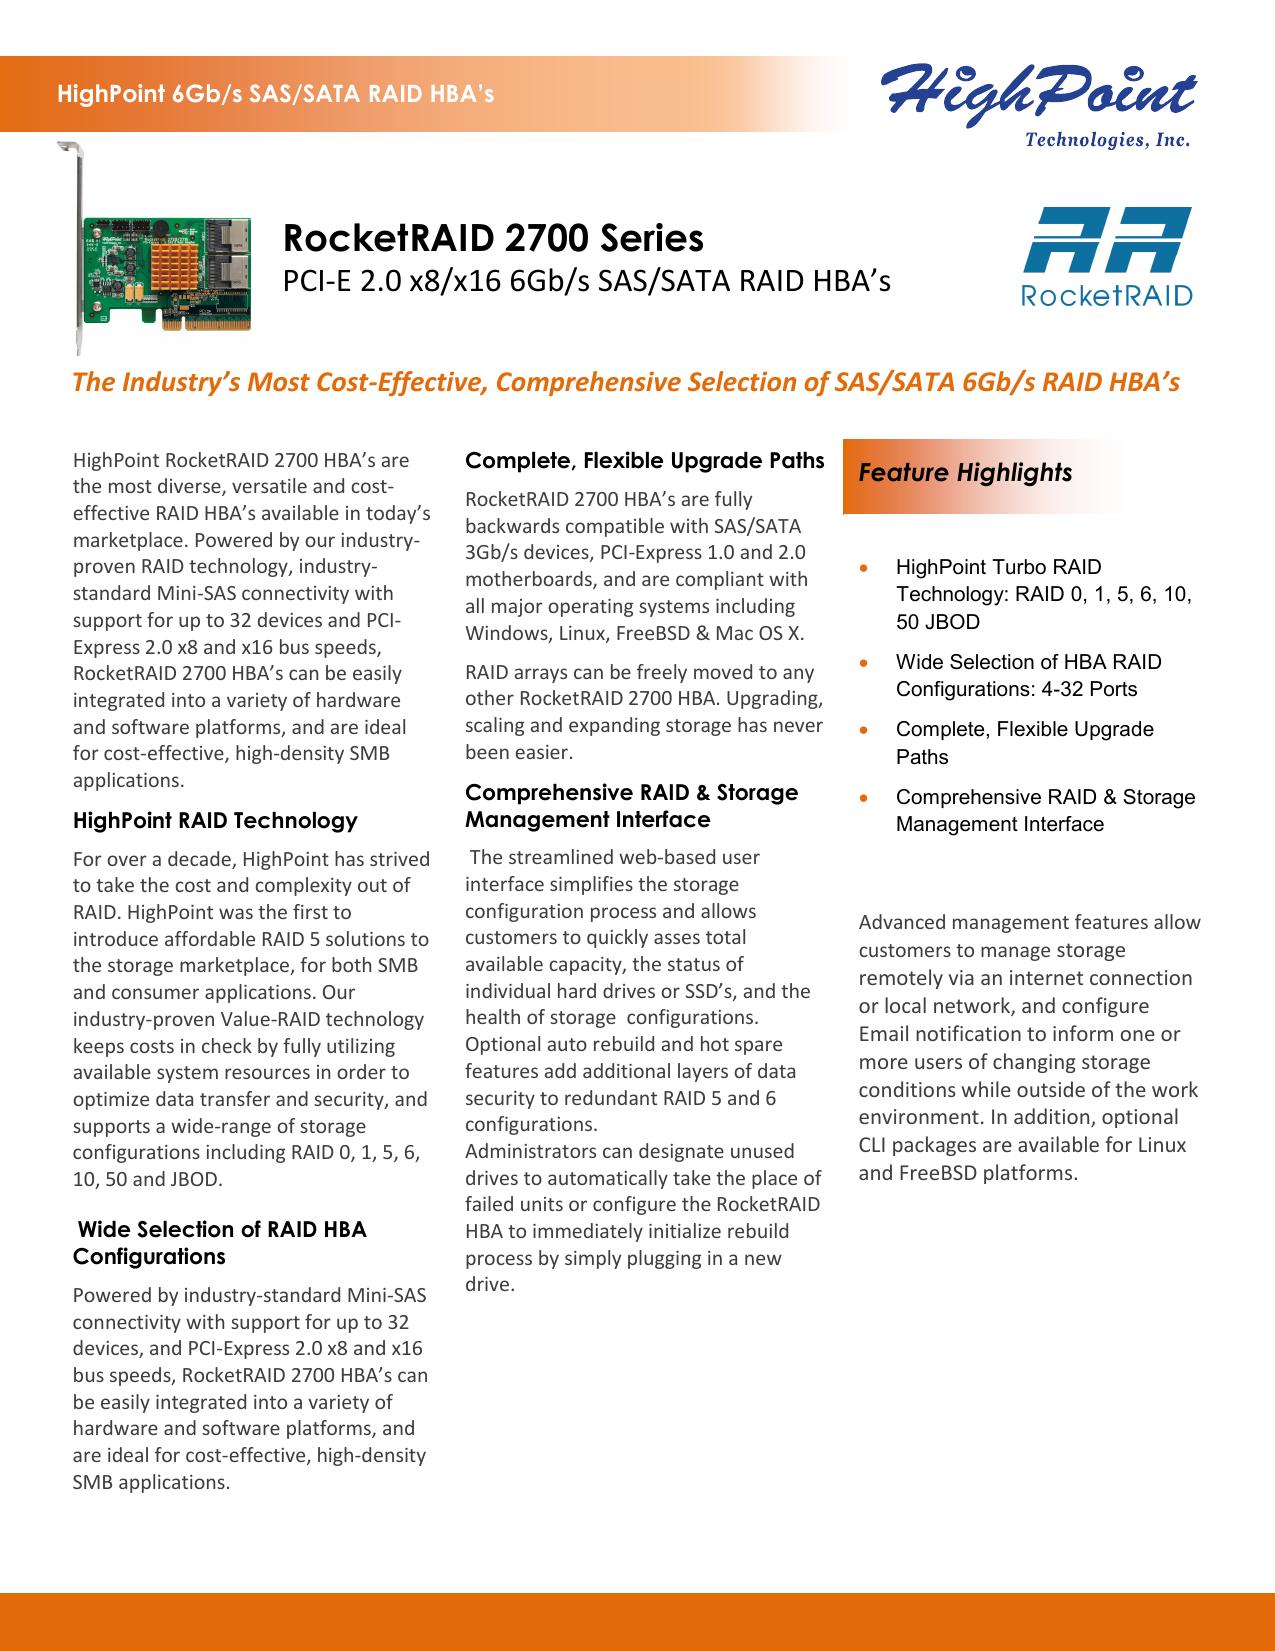 Highpoint Rocketraid 2740 PCIE 2.0 SAS 6GB//S HBA 16 PORT RAID CONTROLLER RR2740